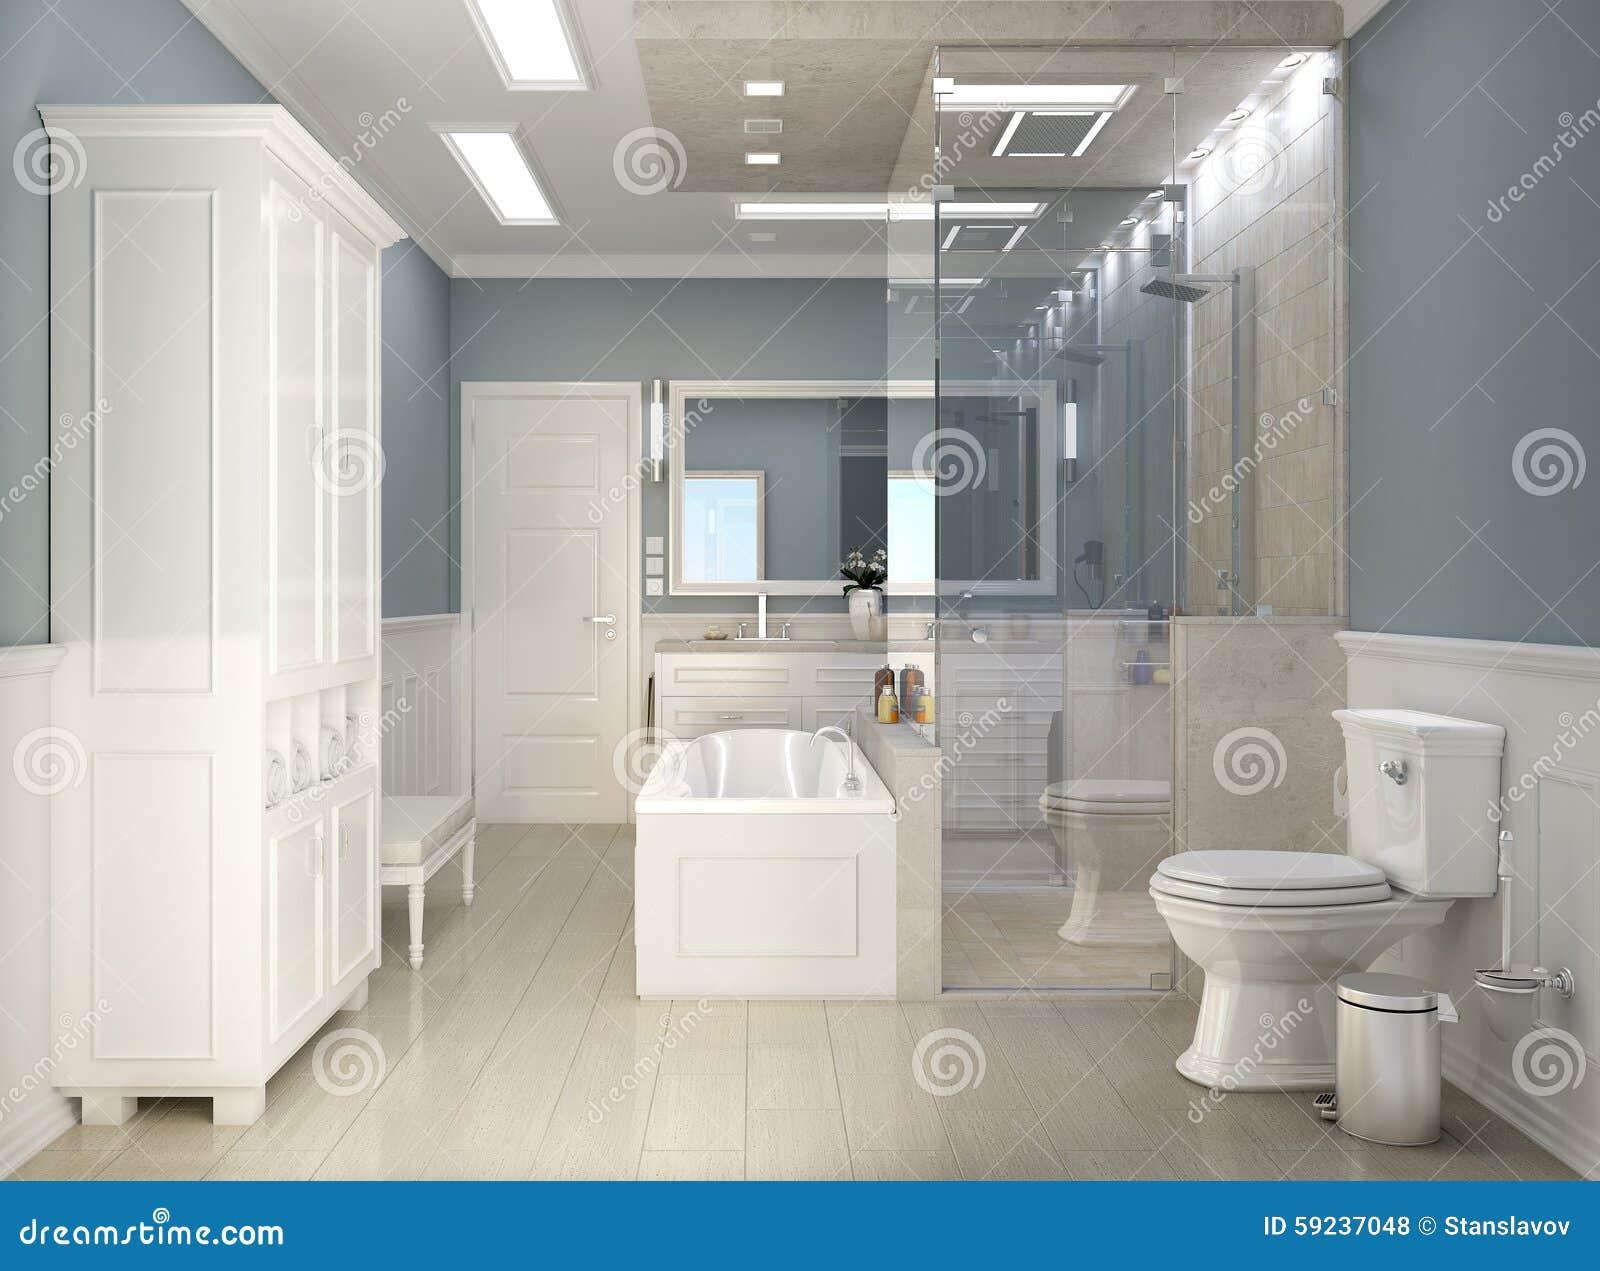 Wc En Badkamers : Badkamers sanitair